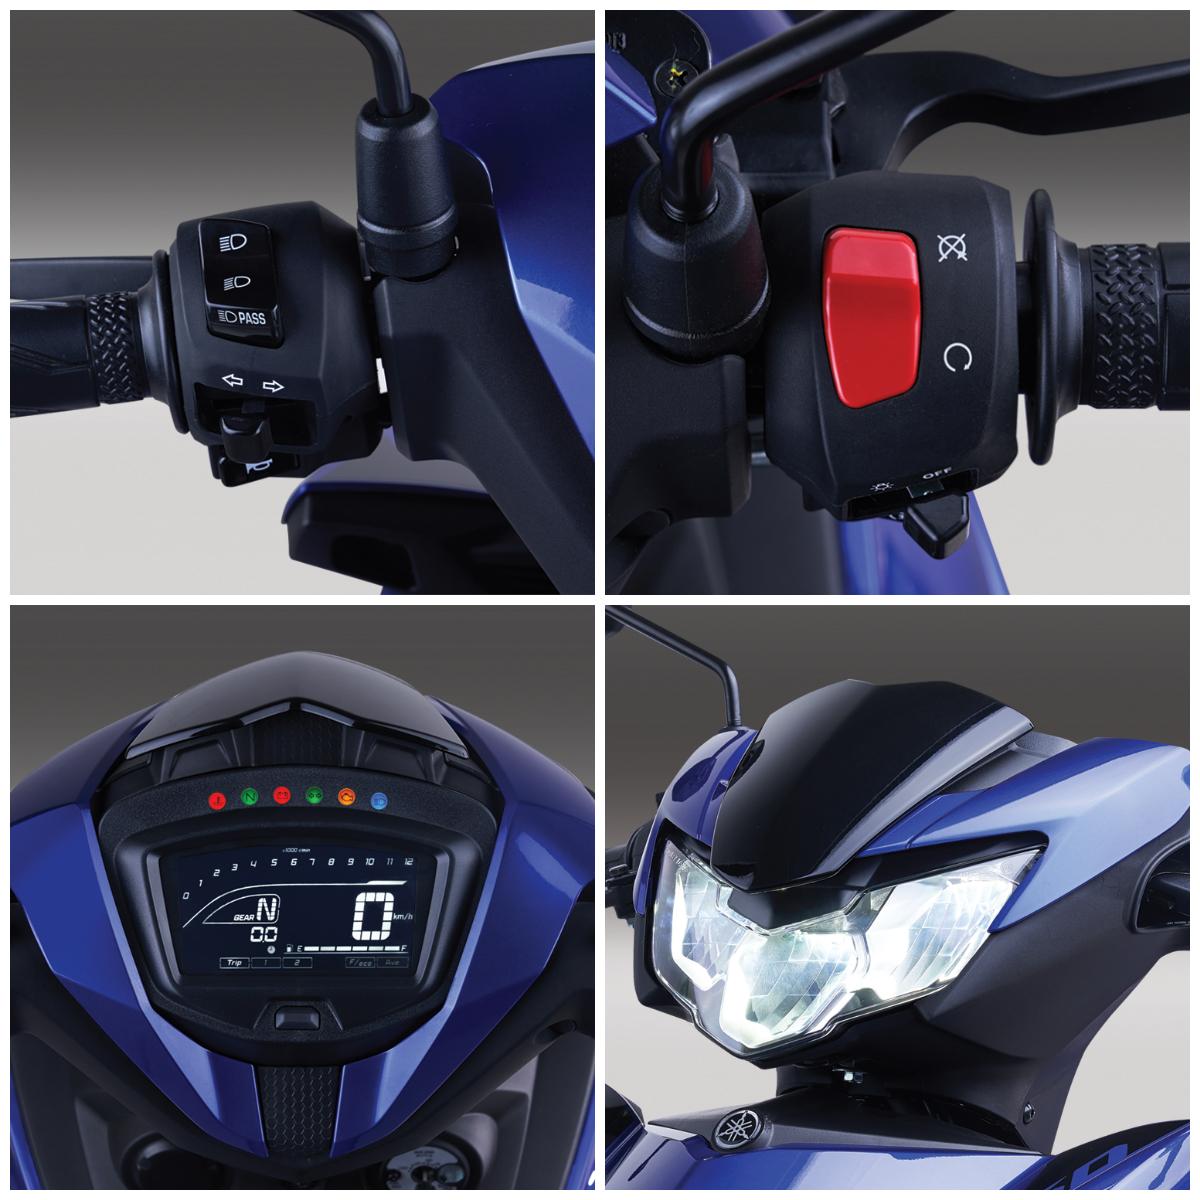 Yamaha-Exciter-2018-thay-doi-ngau-tang-2-trieu-anh-4